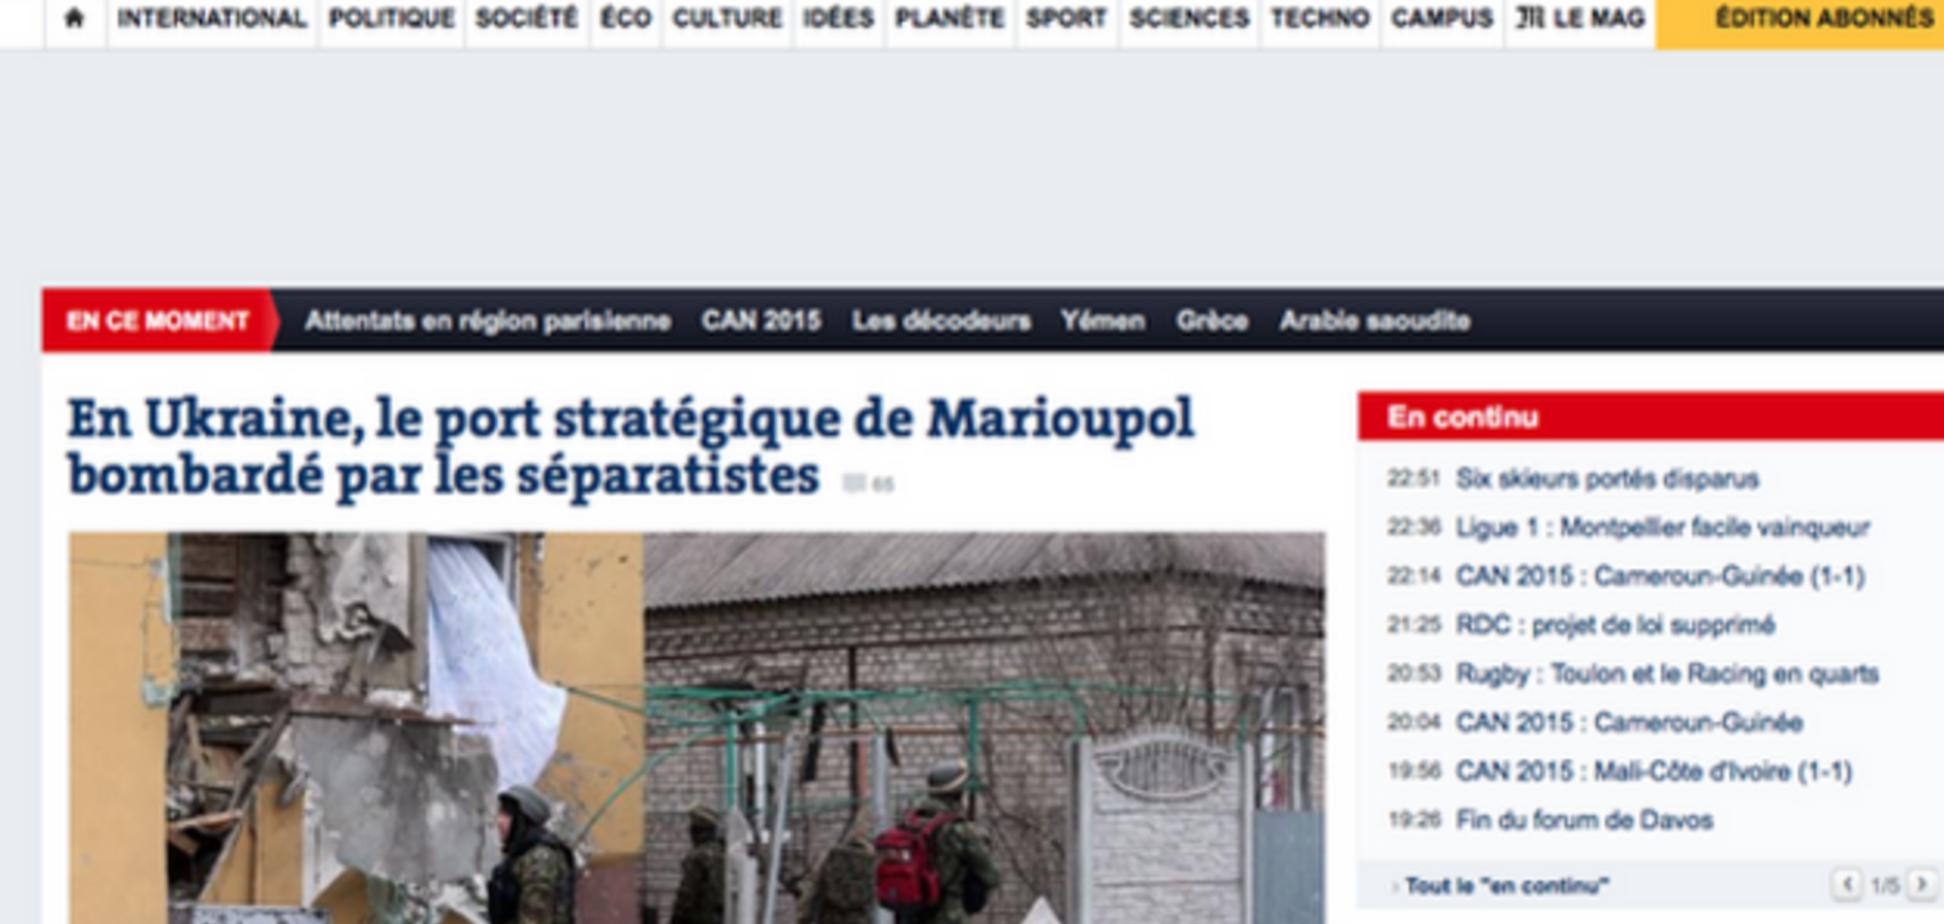 'Je sues Mariupol': теракт в Украине попал на первые полосы французских СМИ